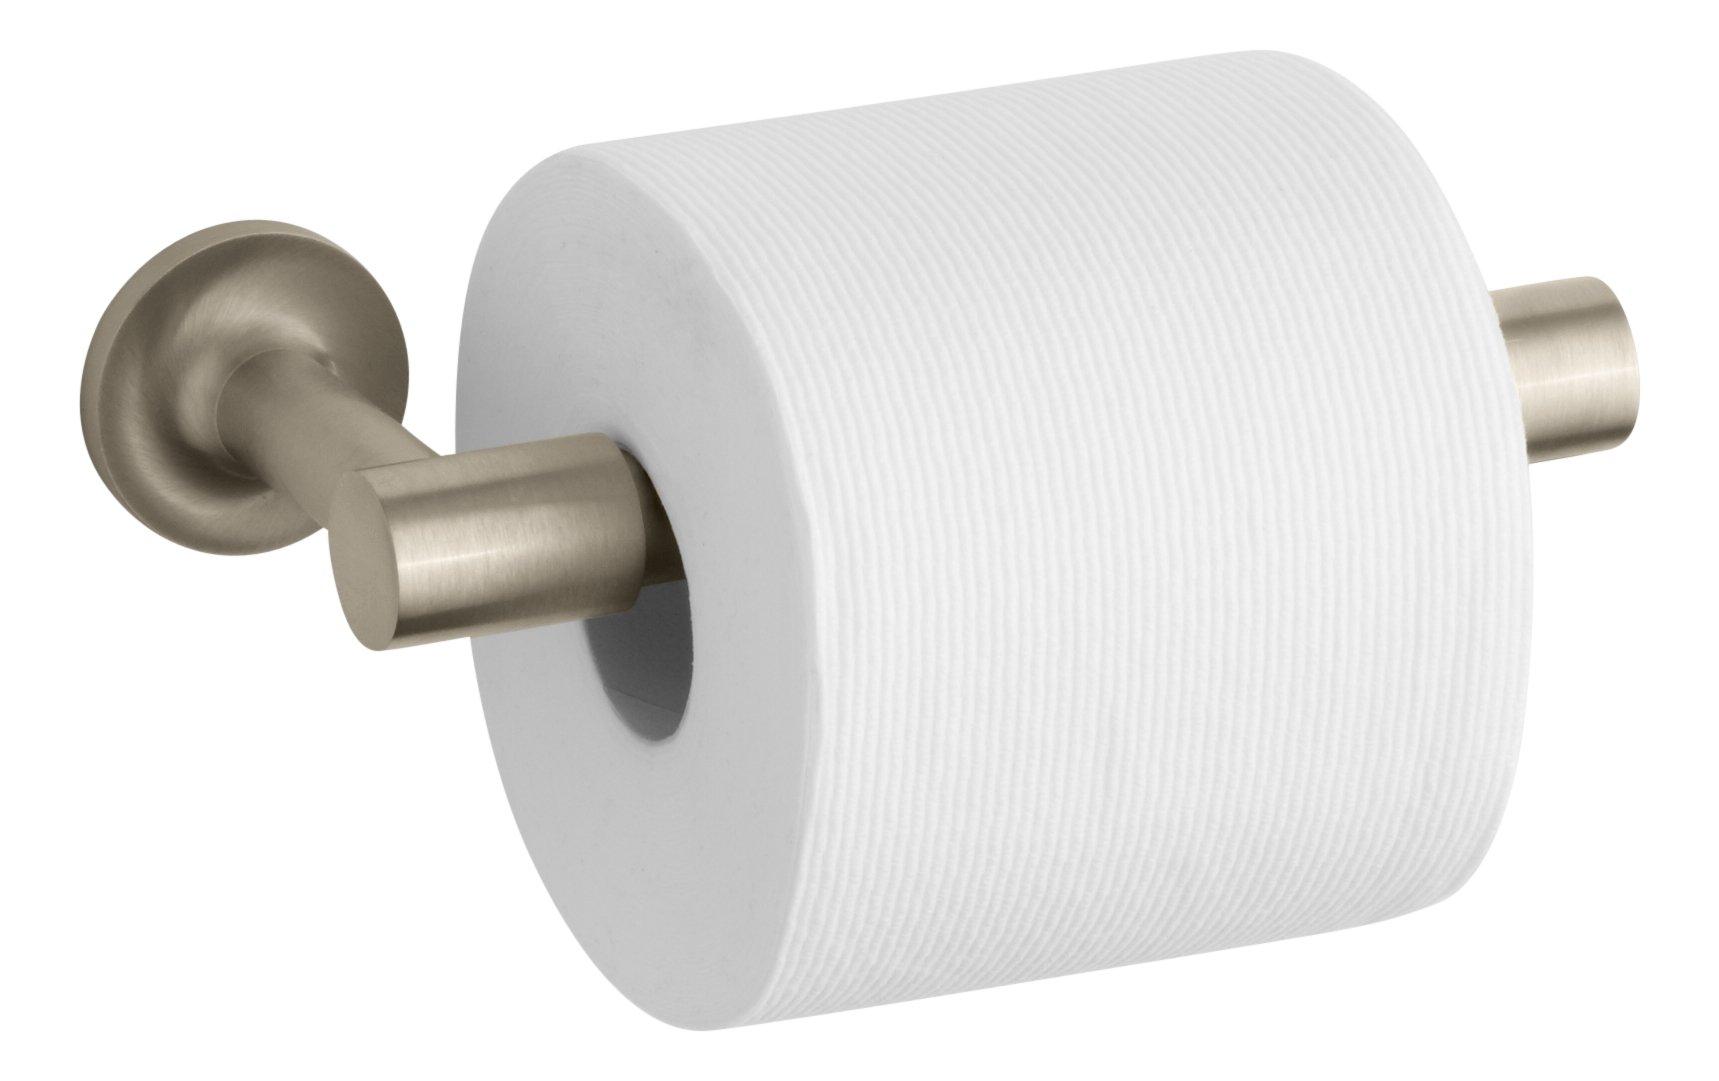 Kohler K-14377-BV Purist Toilet Paper Holder, Vibrant Brushed Bronze